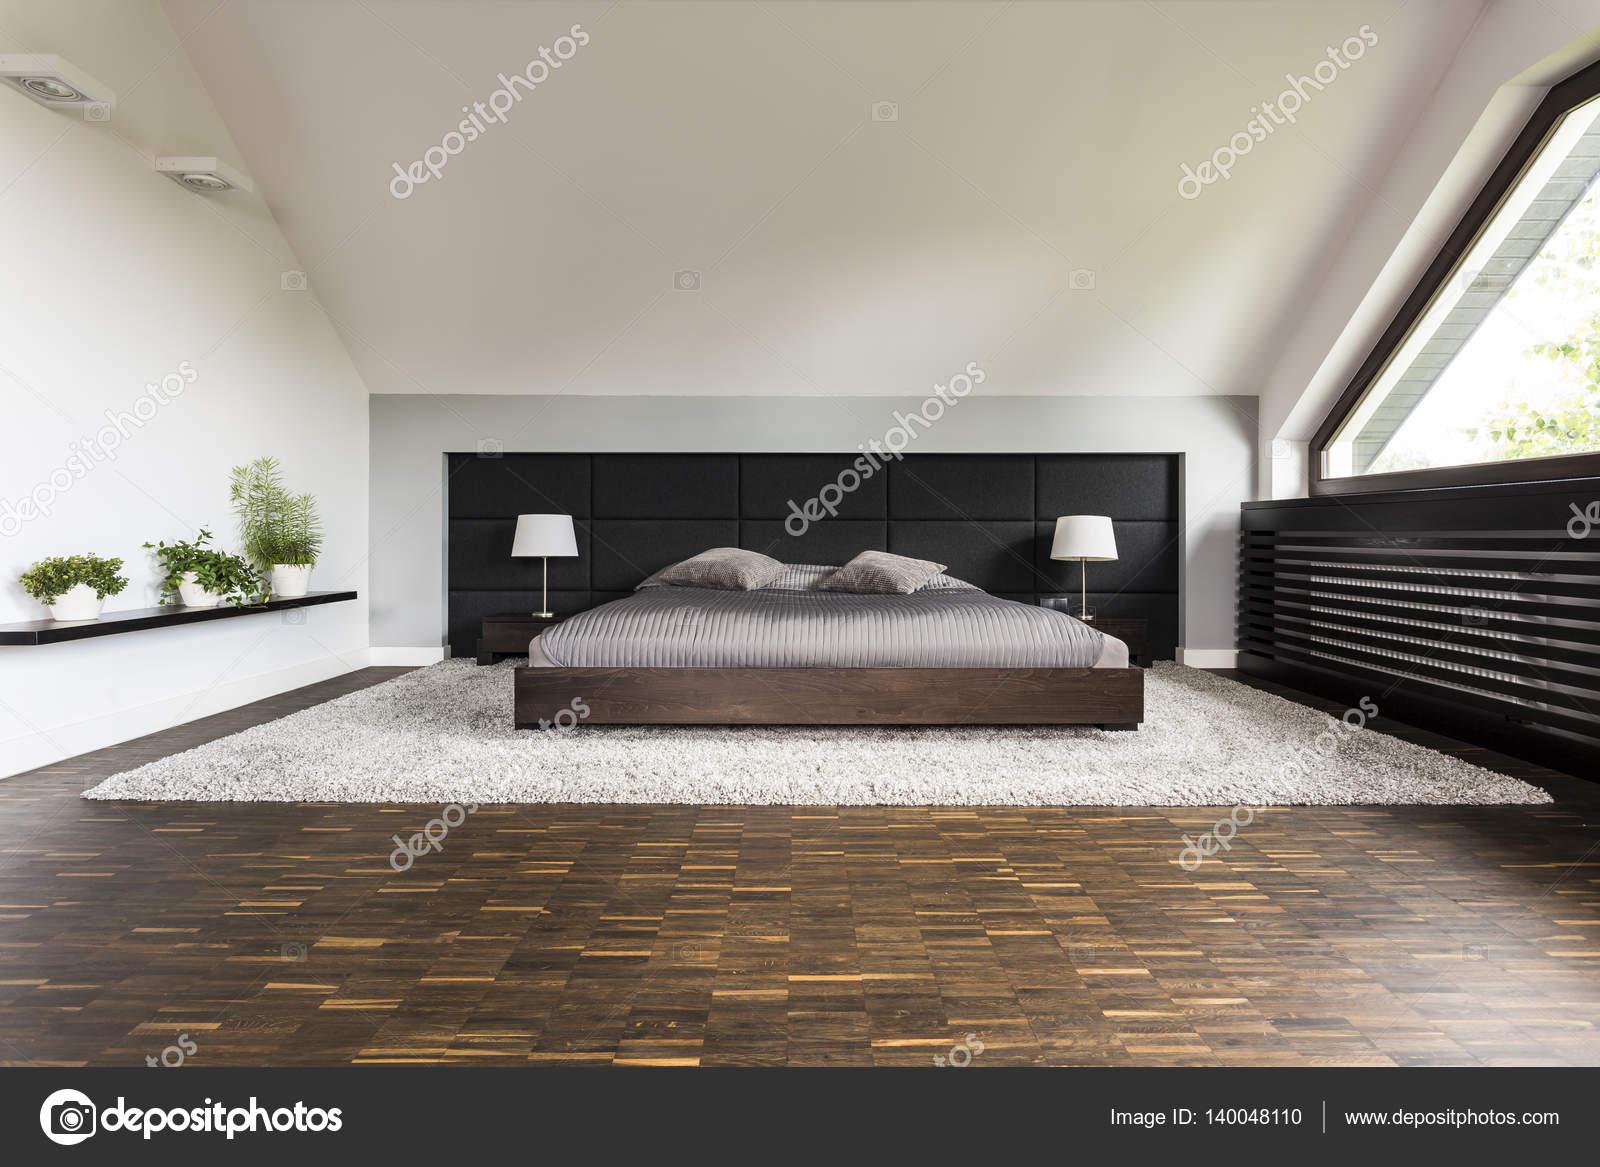 Groot bed in een slaapkamer — Stockfoto © photographee.eu #140048110